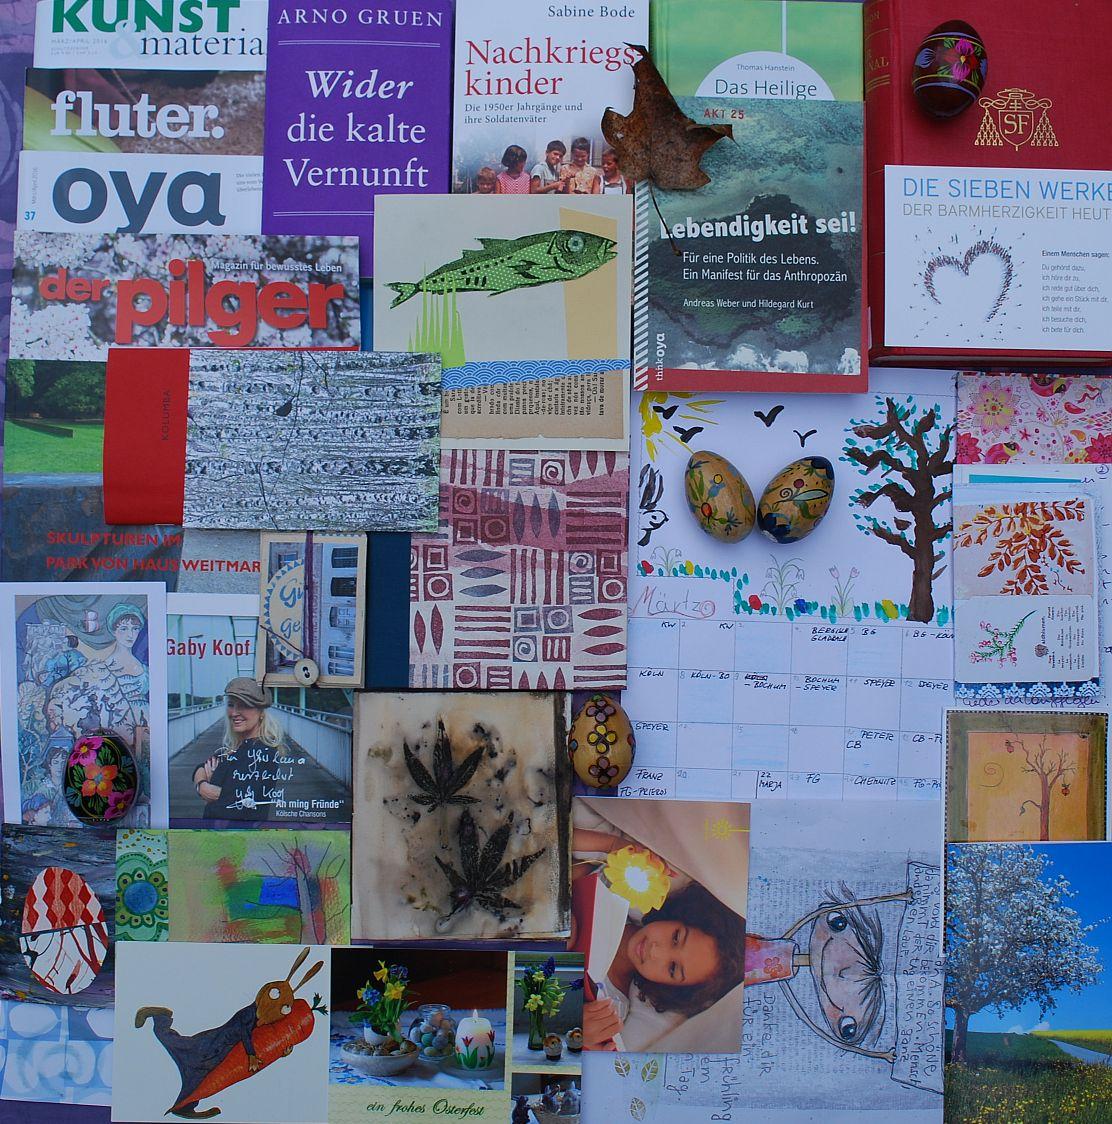 Jahreszeitenbriefe monats collage m rz 2016 - Gartenarbeit im marz ...